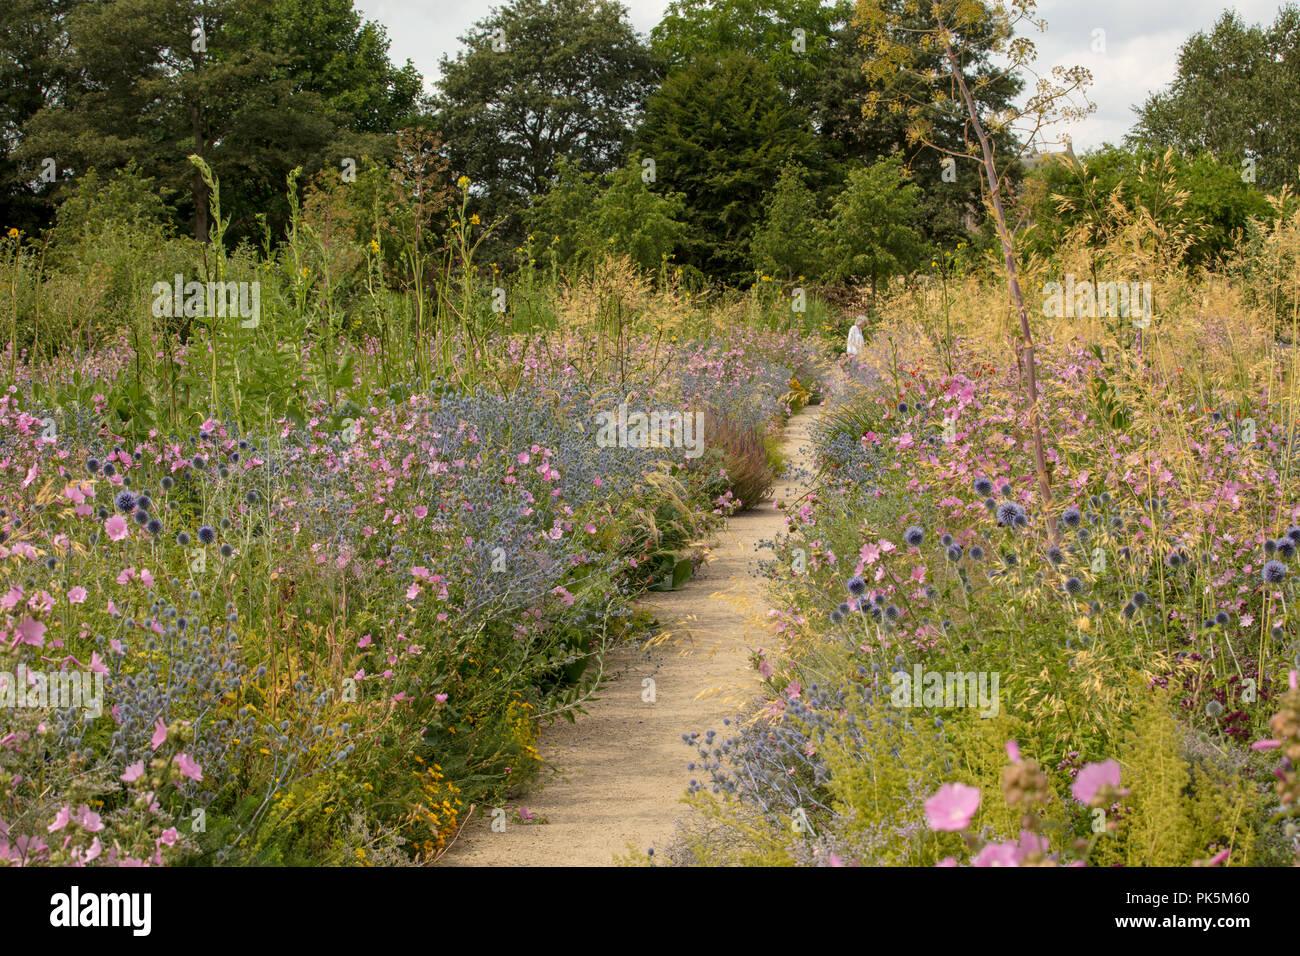 Merton Grenzen, Oxford Botanic Garden, wissenschaftlich entwickelt, visuell beeindruckende wildflower Anzeige. Ökologisch nachhaltige Pflanzen aus Samen gezogen. Stockbild